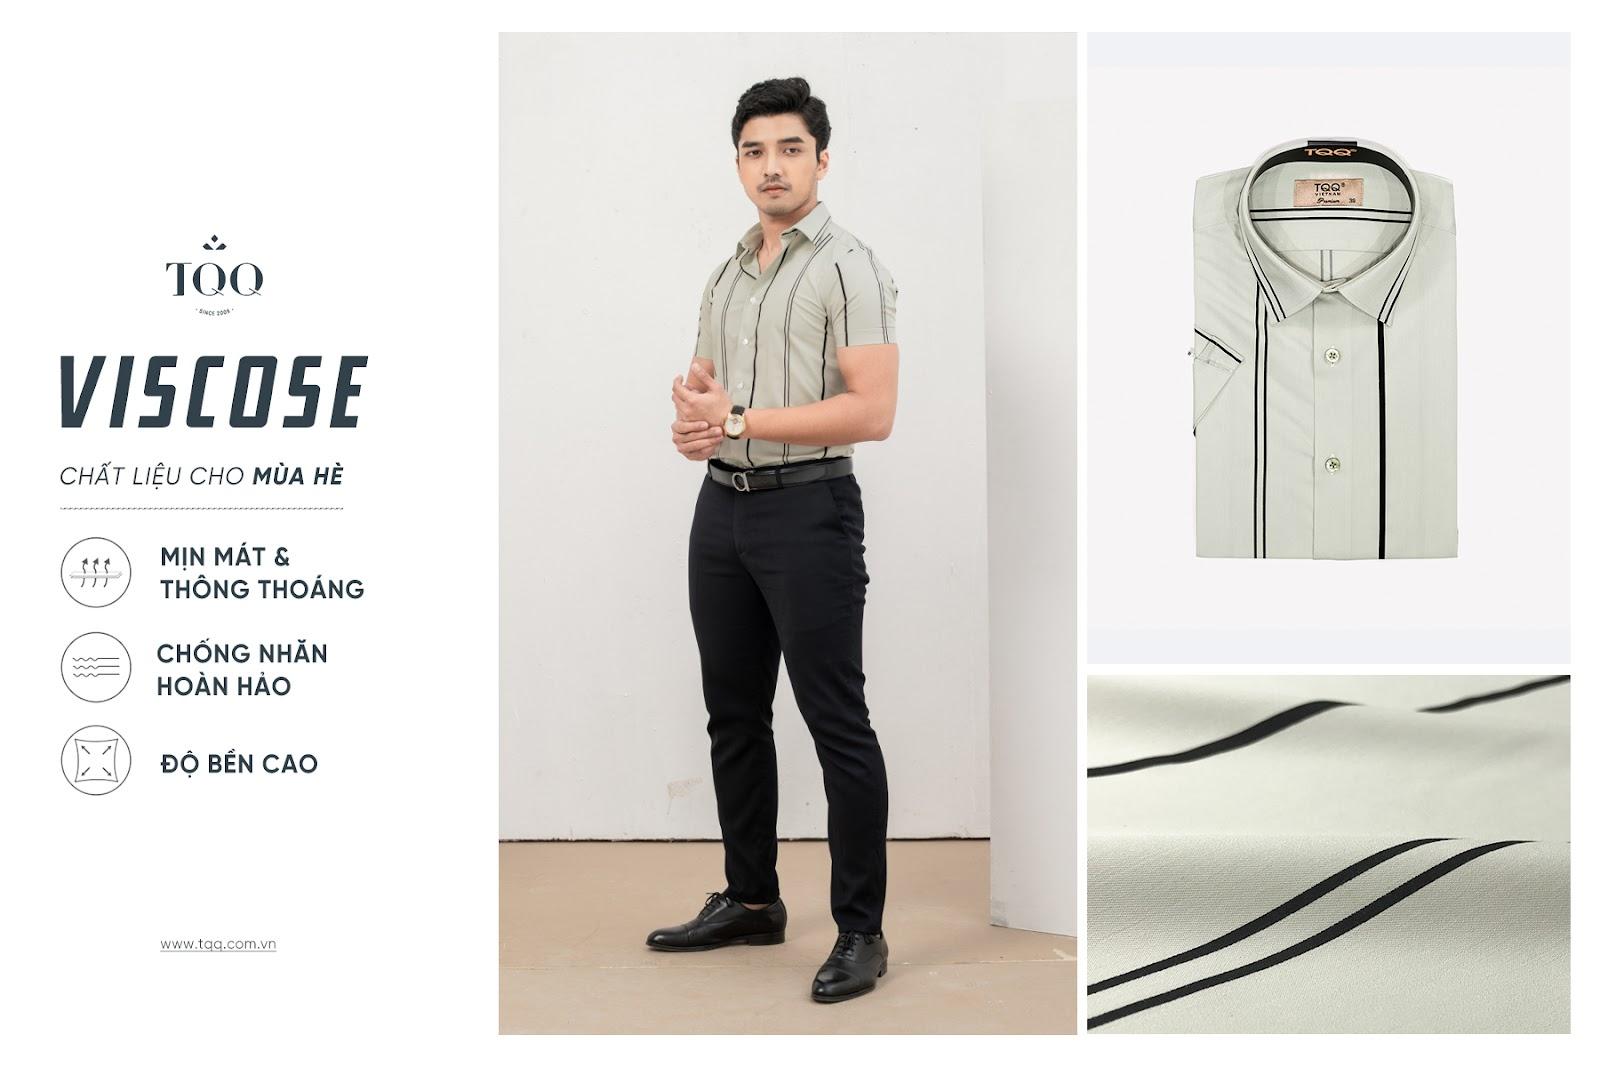 Vải Viscose mềm nhẹ nhàng và có độ thoáng khí cao, được các quý ông rất ưa chuộng vào mùa hè